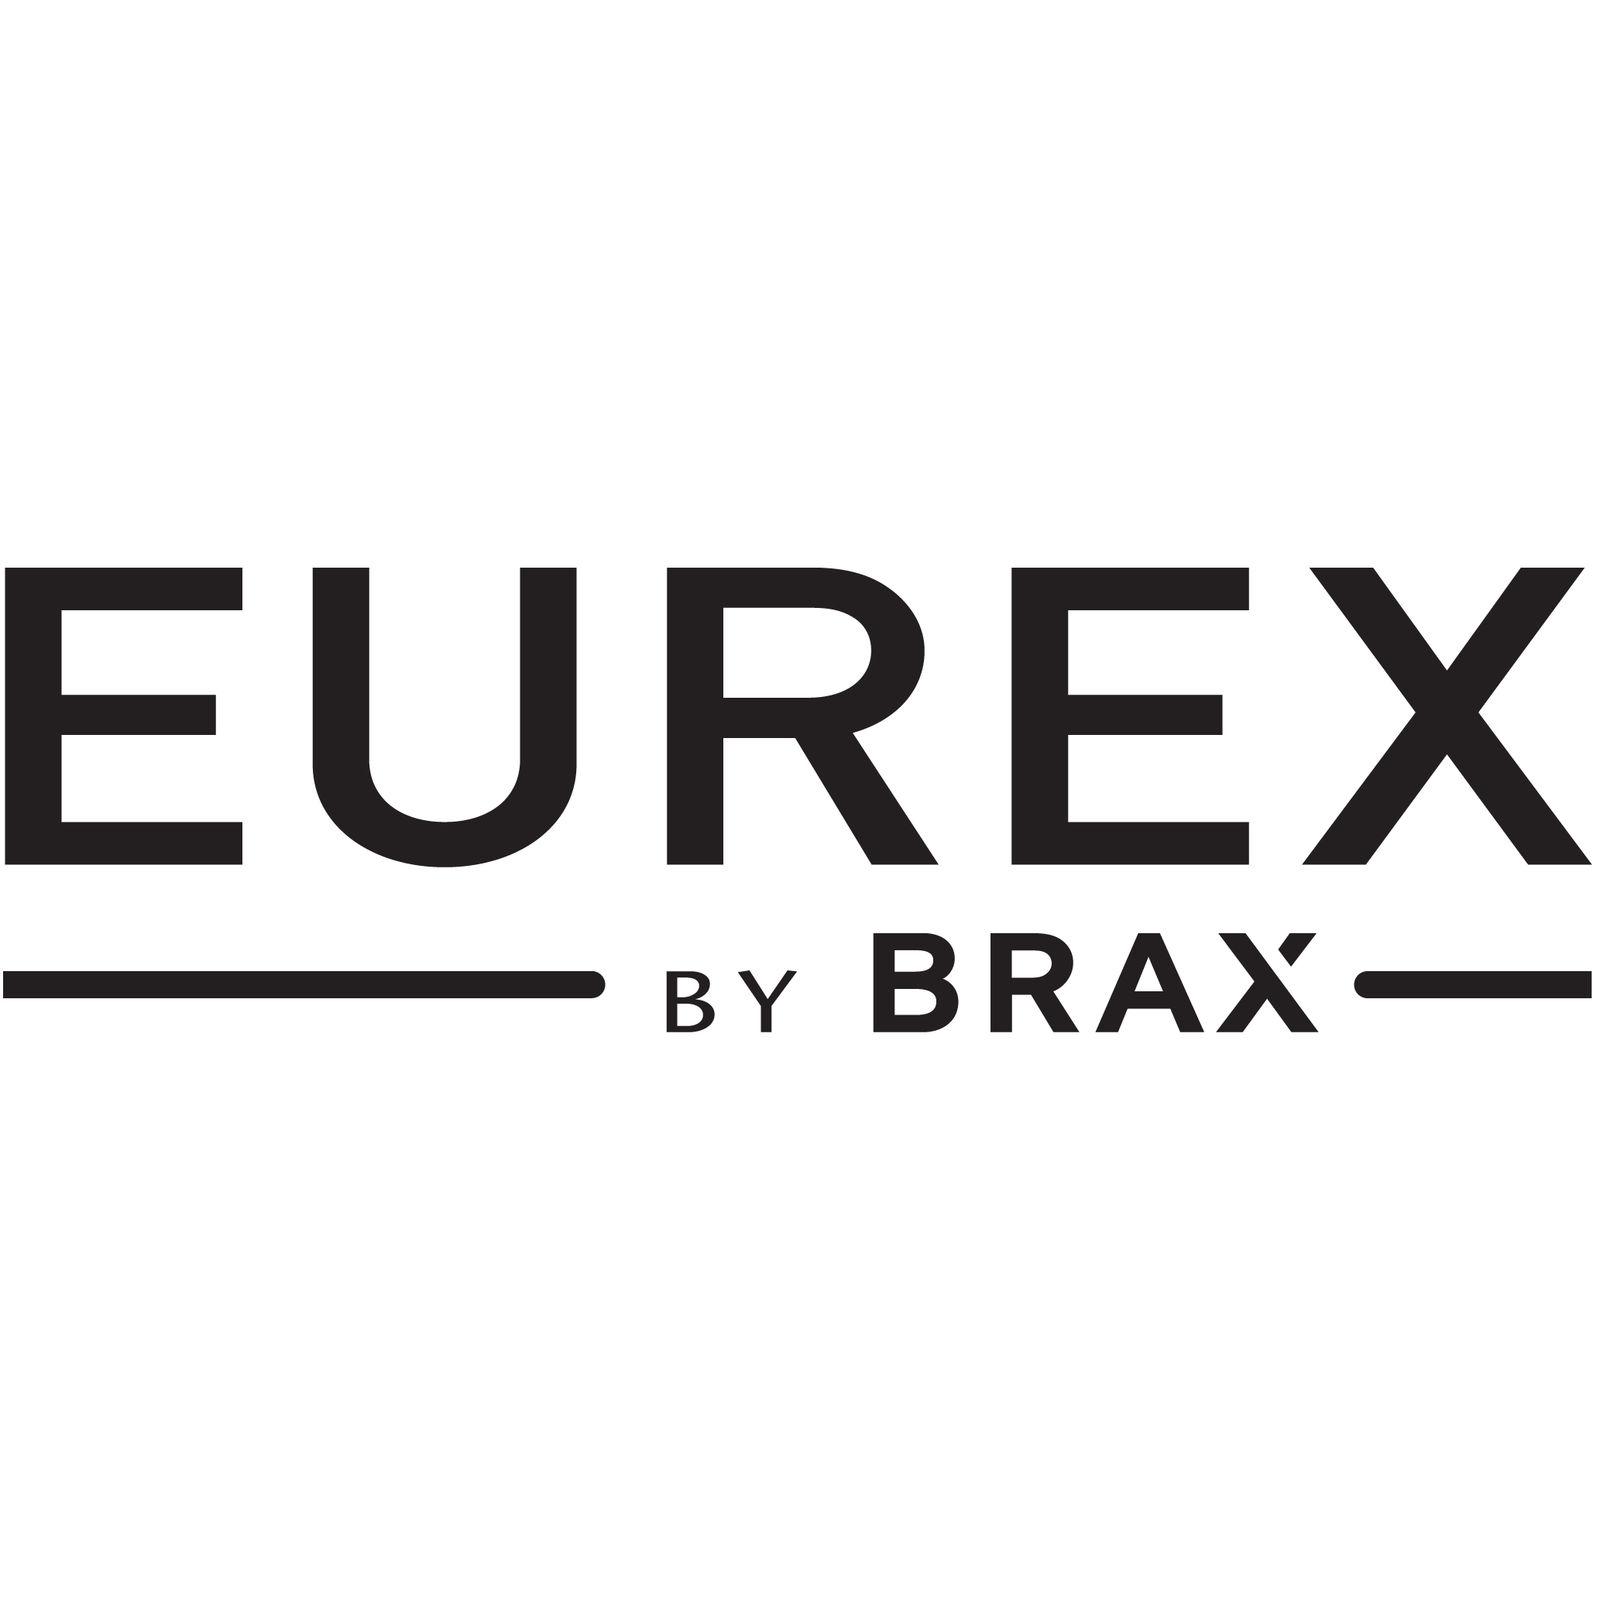 EUREX by BRAX (Bild 1)